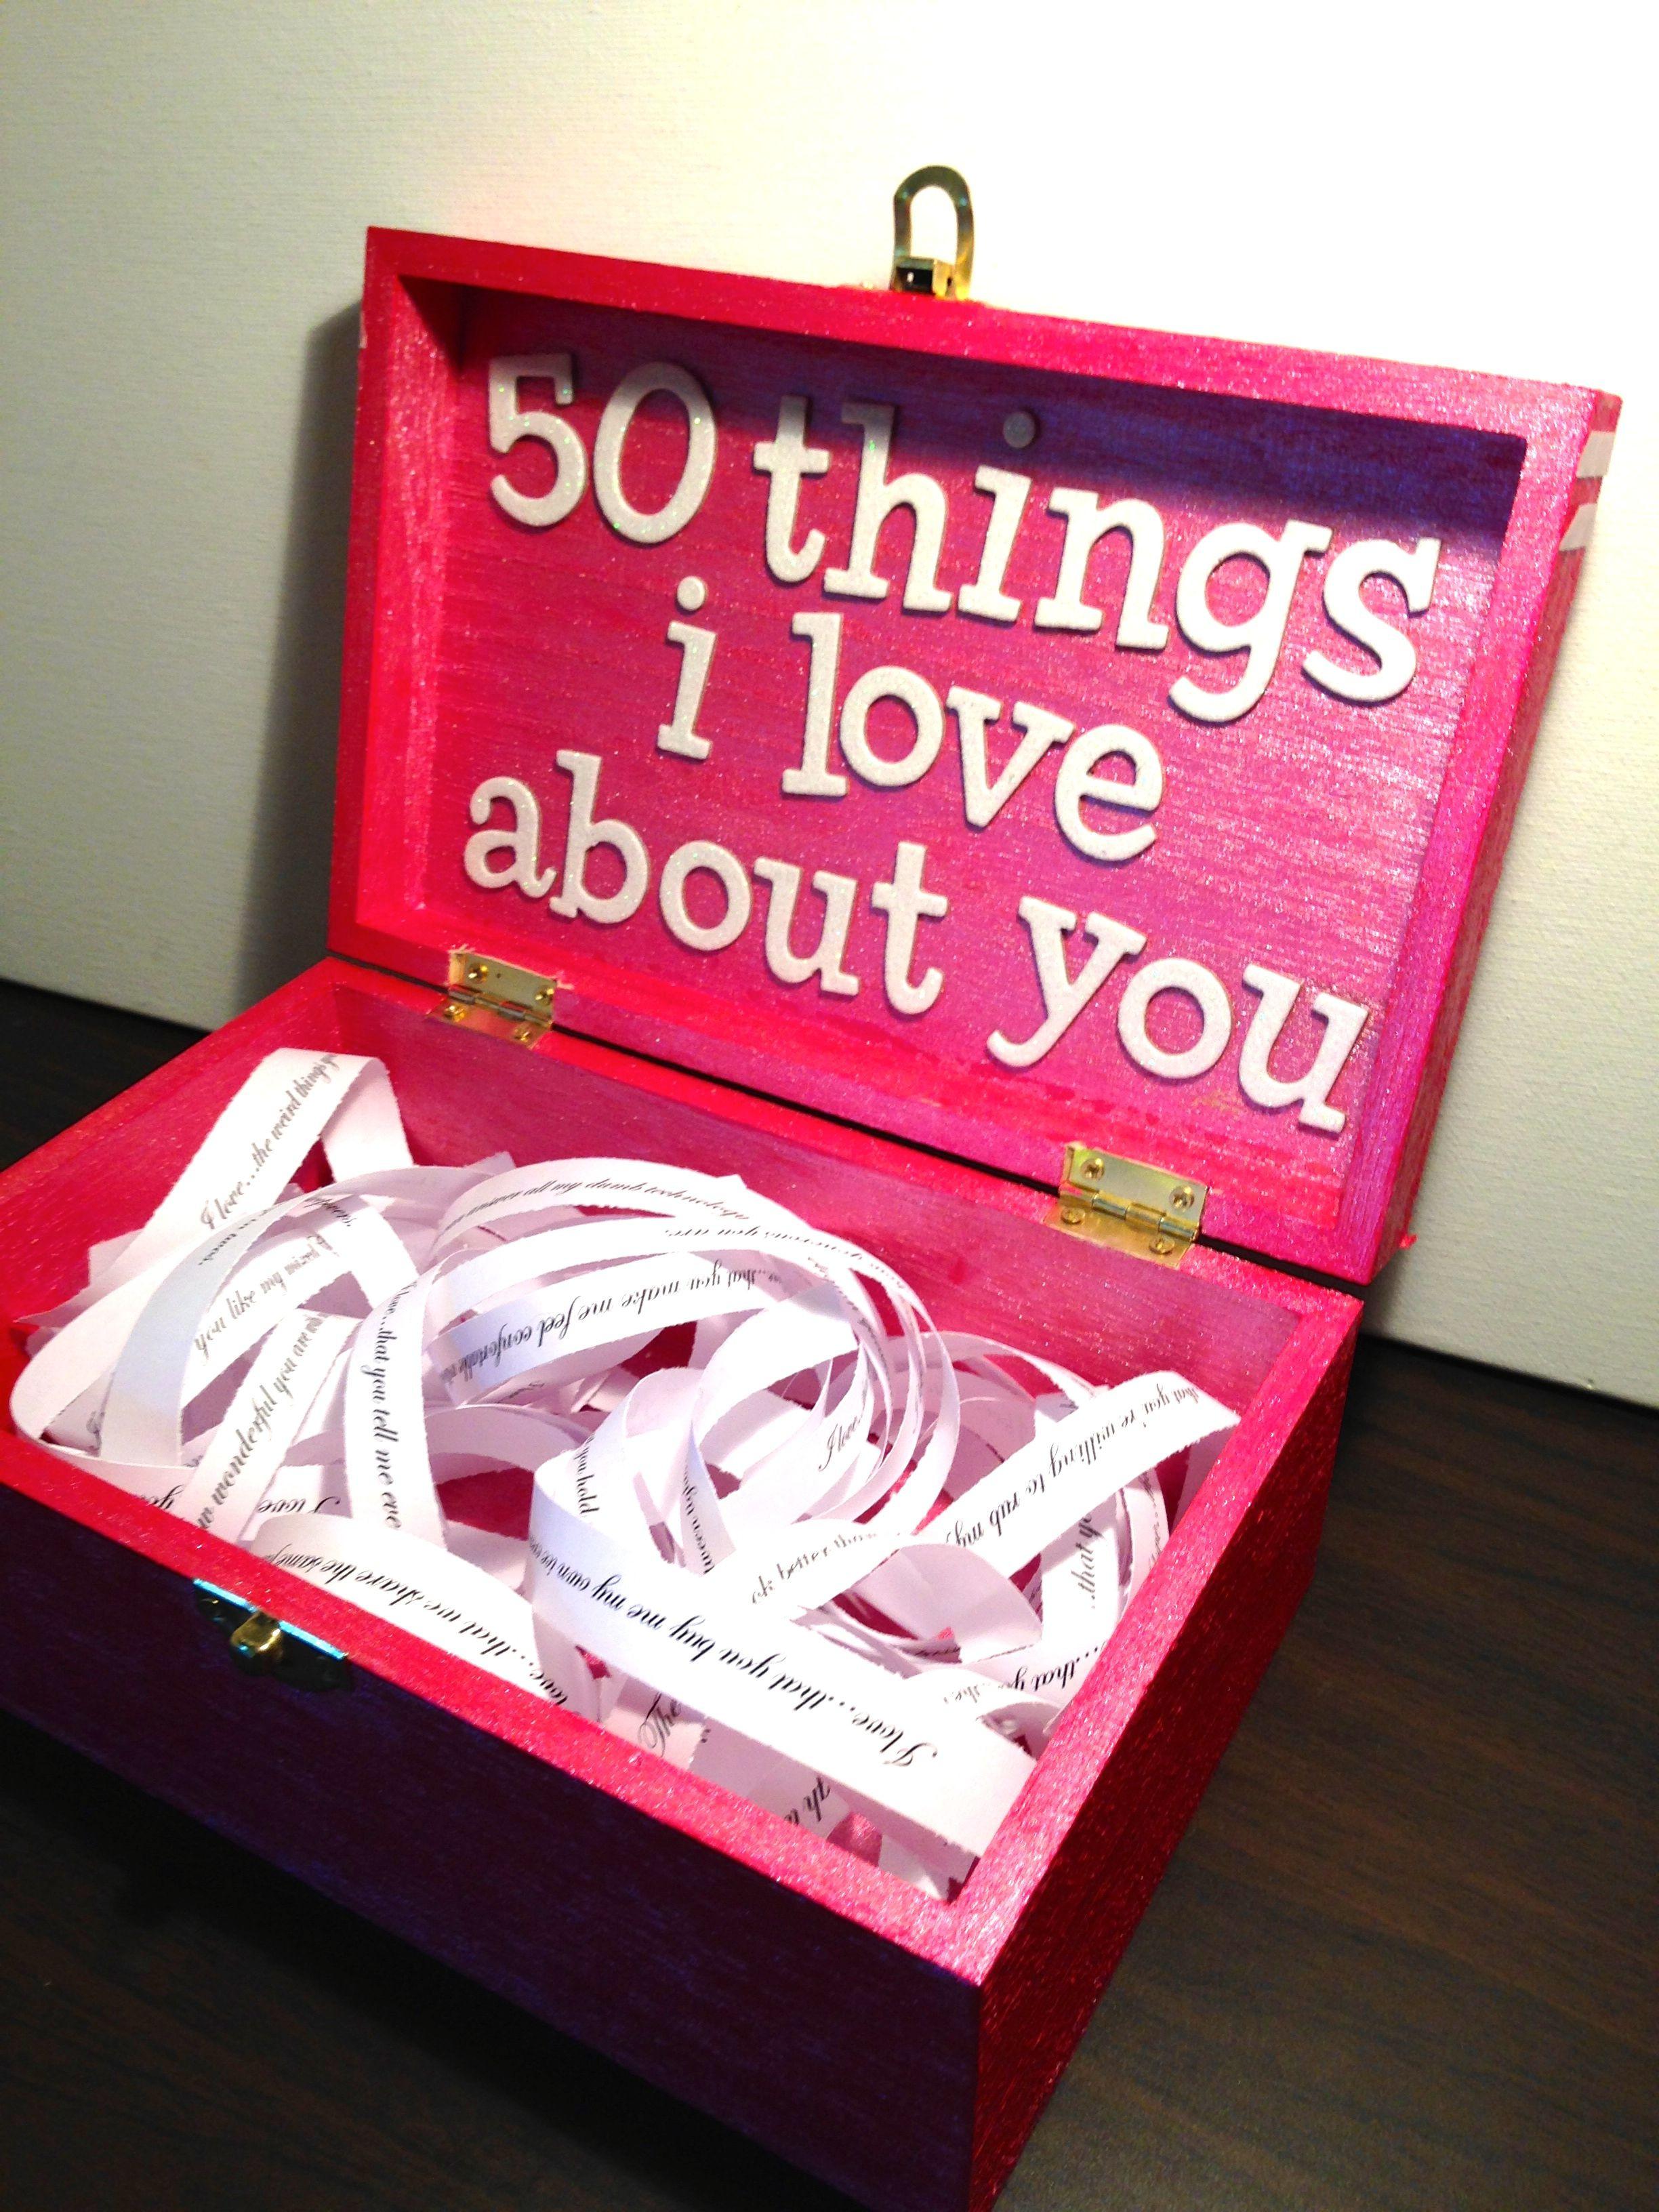 Best ideas about Girlfriend Gift Ideas Pinterest . Save or Pin Boyfriend Girlfriend t ideas for birthday valentine Now.